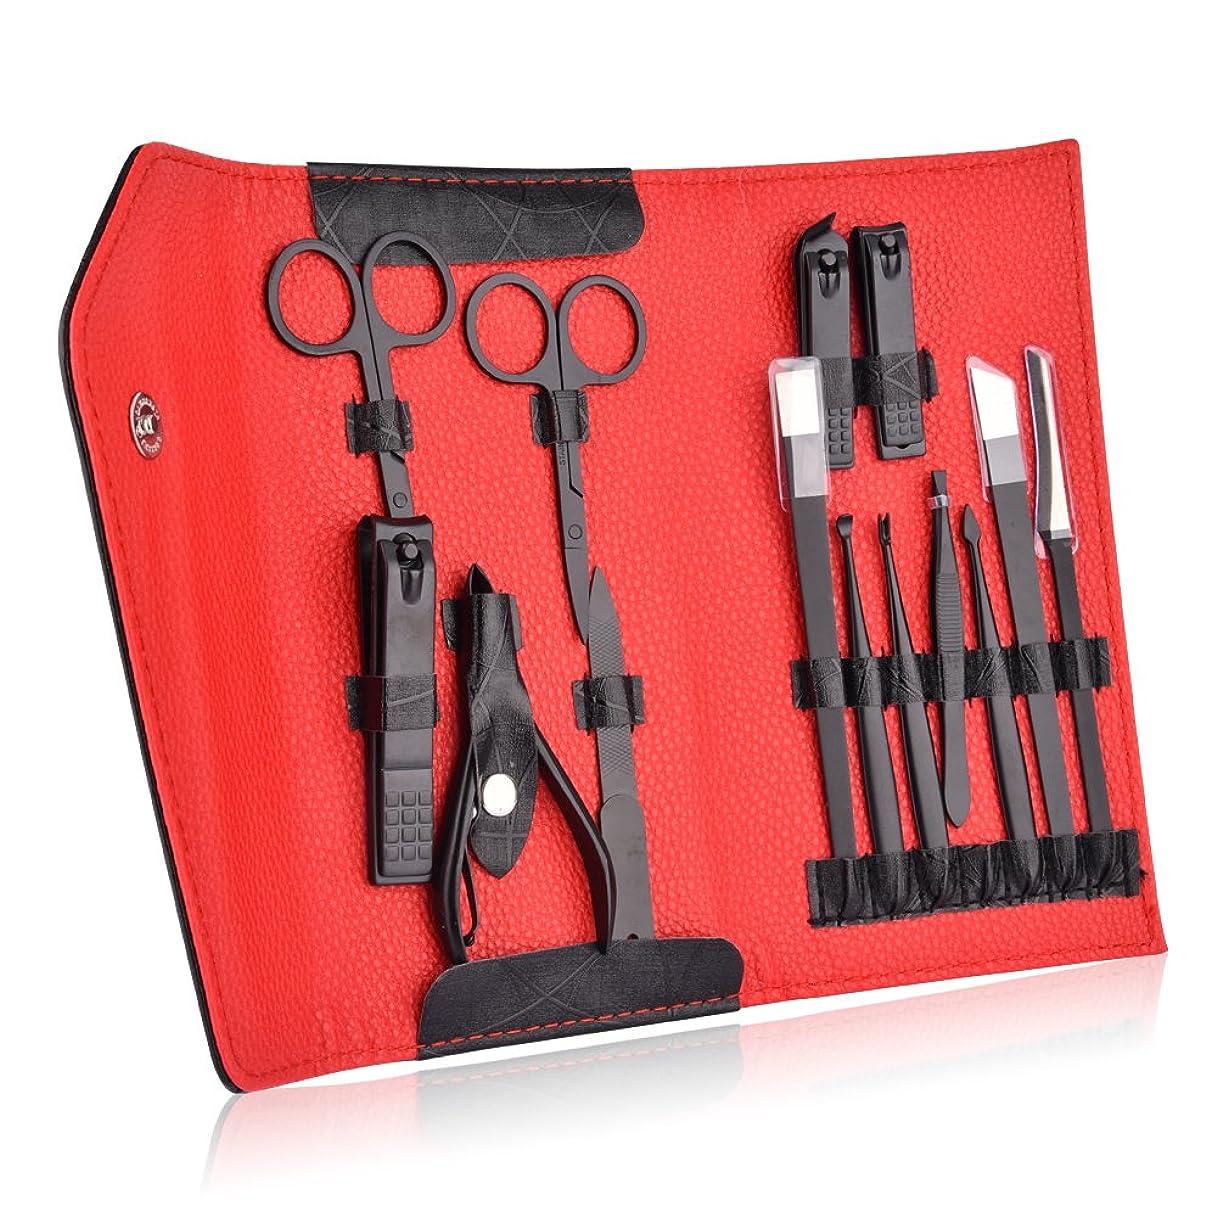 説教するアフリカこねるNail Care Black Stainless Steel Nail Clipper Kits Professional Travel Manicure Tools Grooming Pedicure Set of 14pcs with Case Free shipping